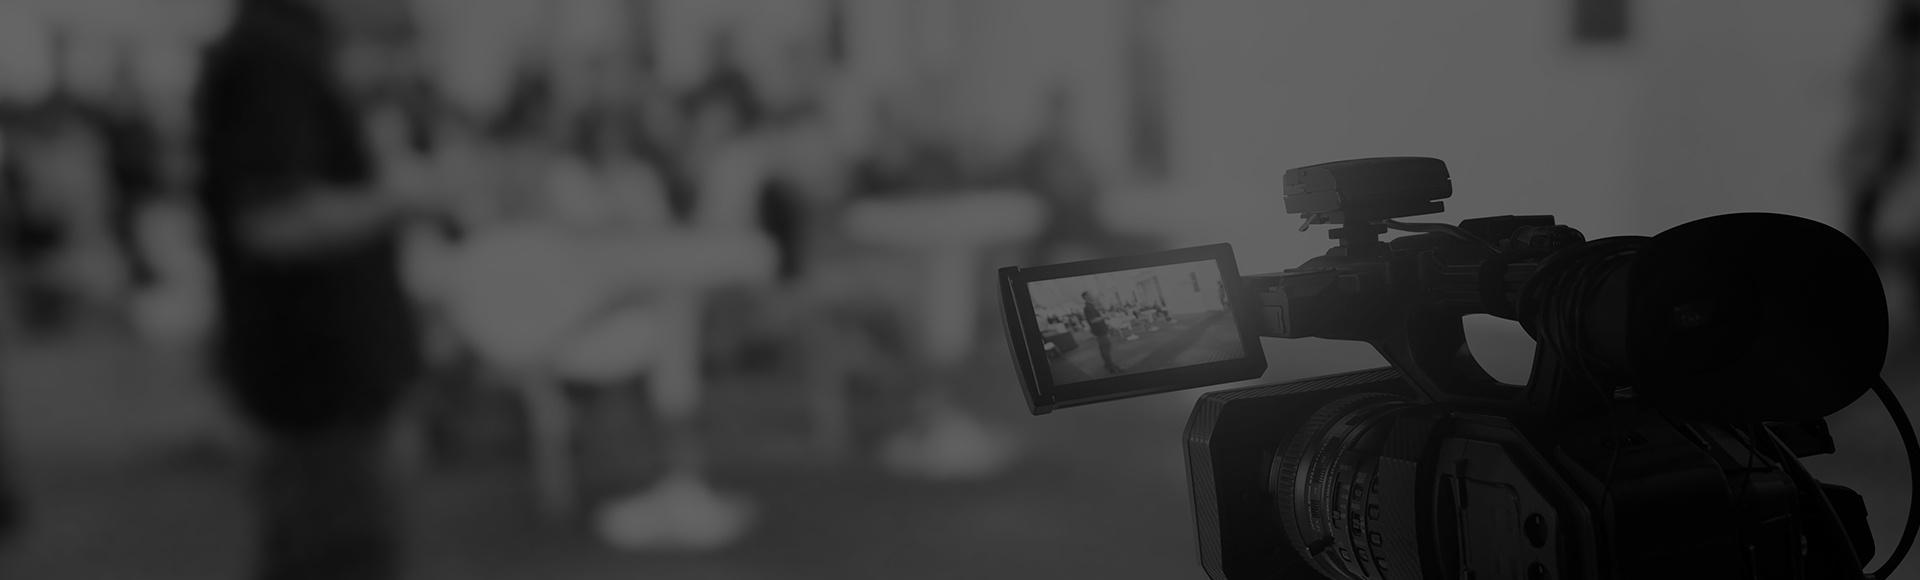 Social Media Content Creation & Distribution Services with Nexa, Dubai